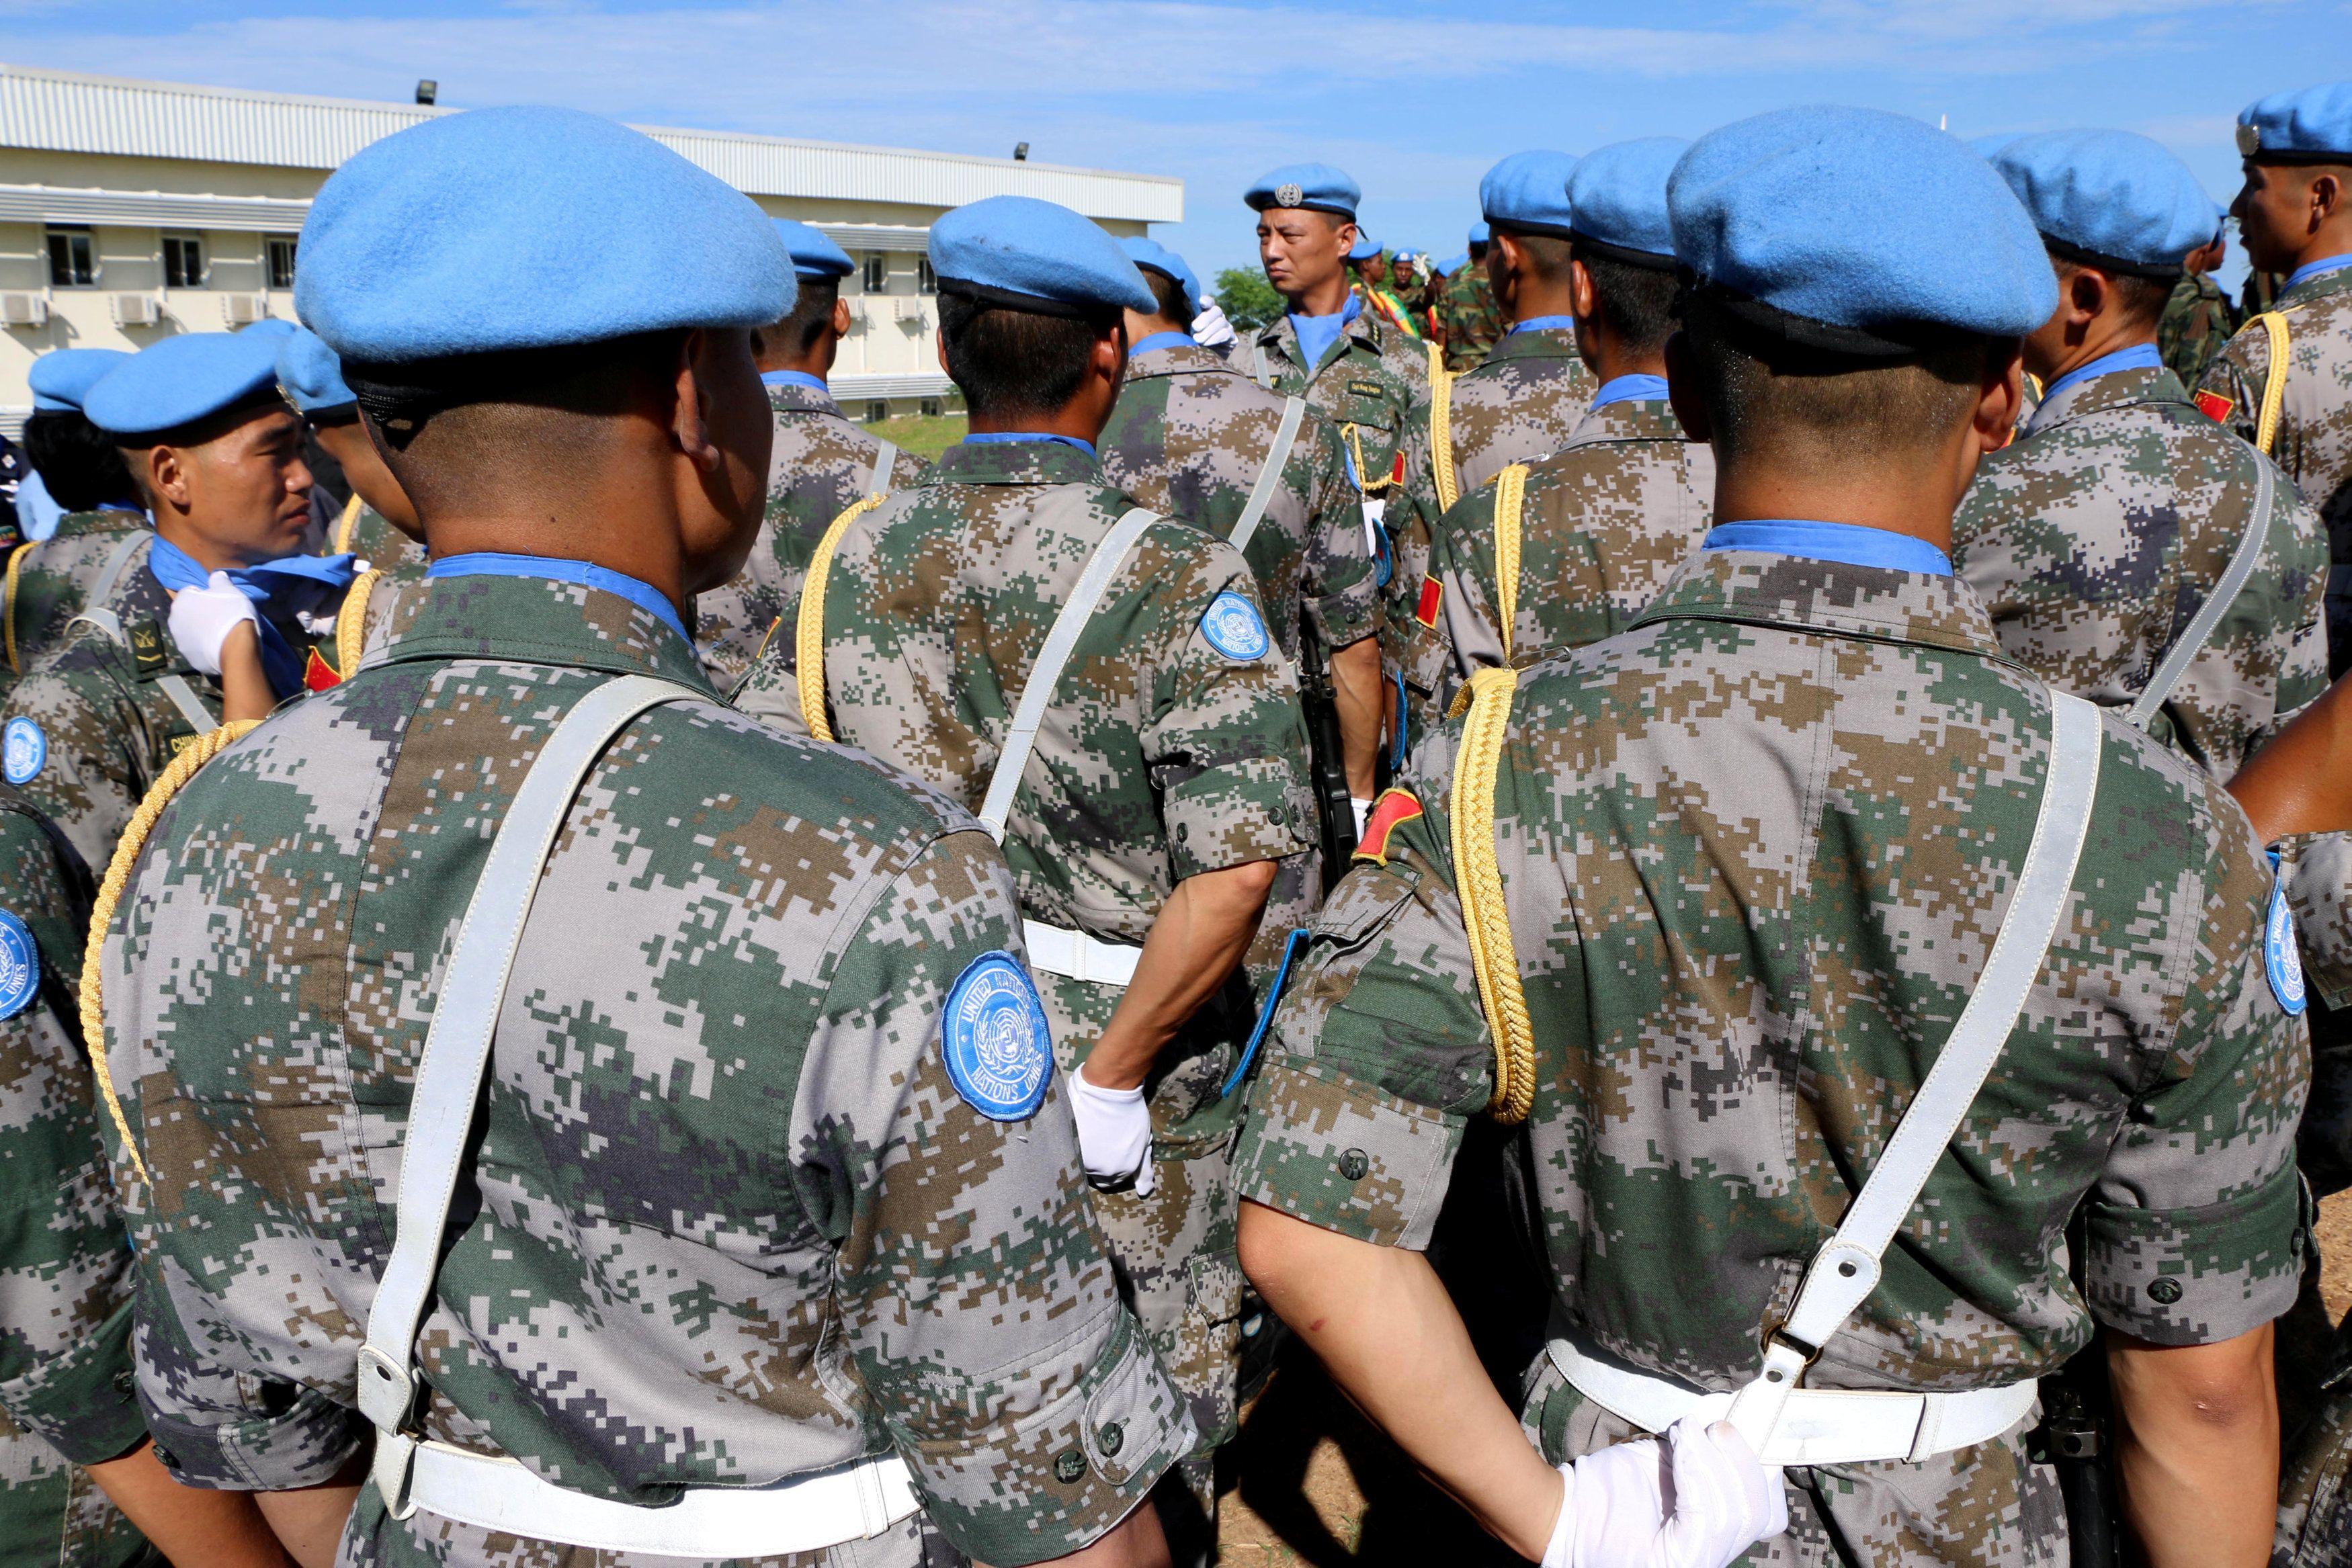 Миротворцы ООН могут позволить провести на Донбассе  местные выборы согласно Минским соглашениям, отметил эксперт